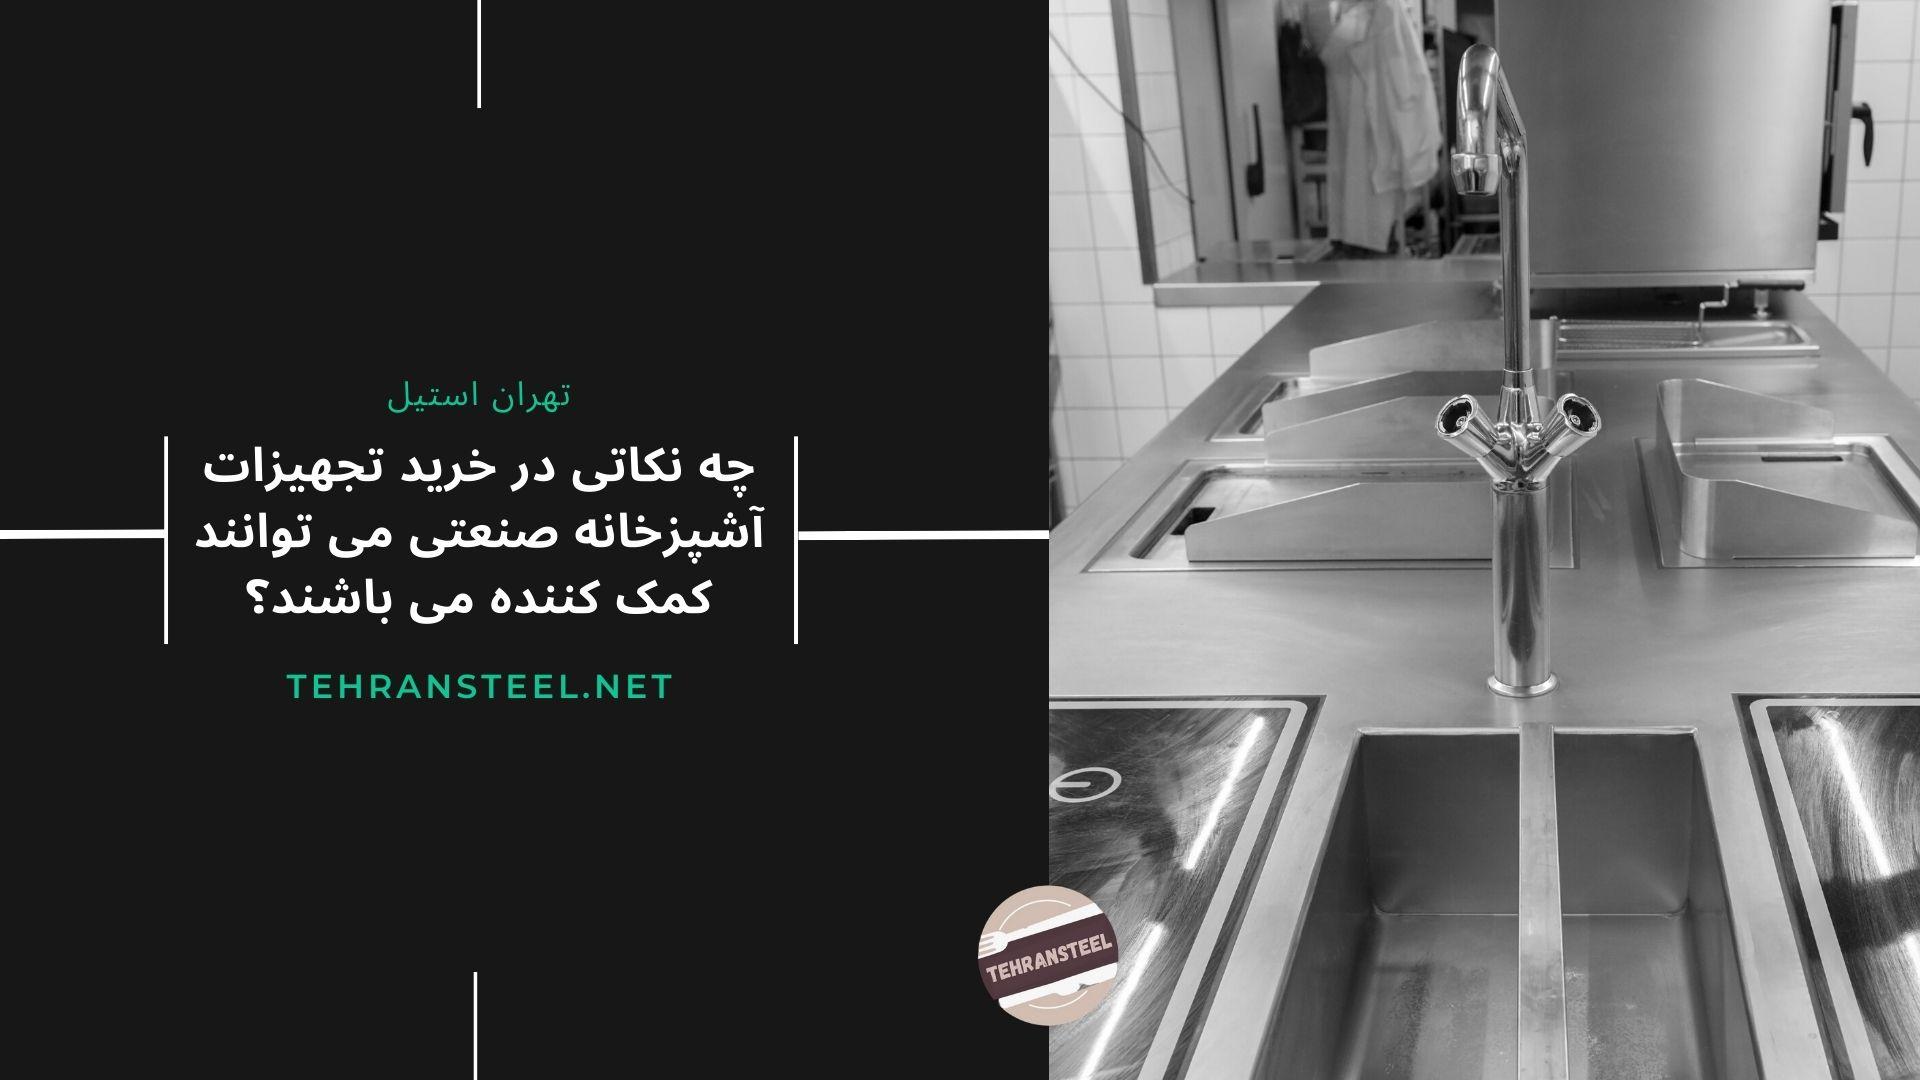 چه نکاتی در خرید تجهیزات آشپزخانه صنعتی می توانند کمک کننده می باشند؟